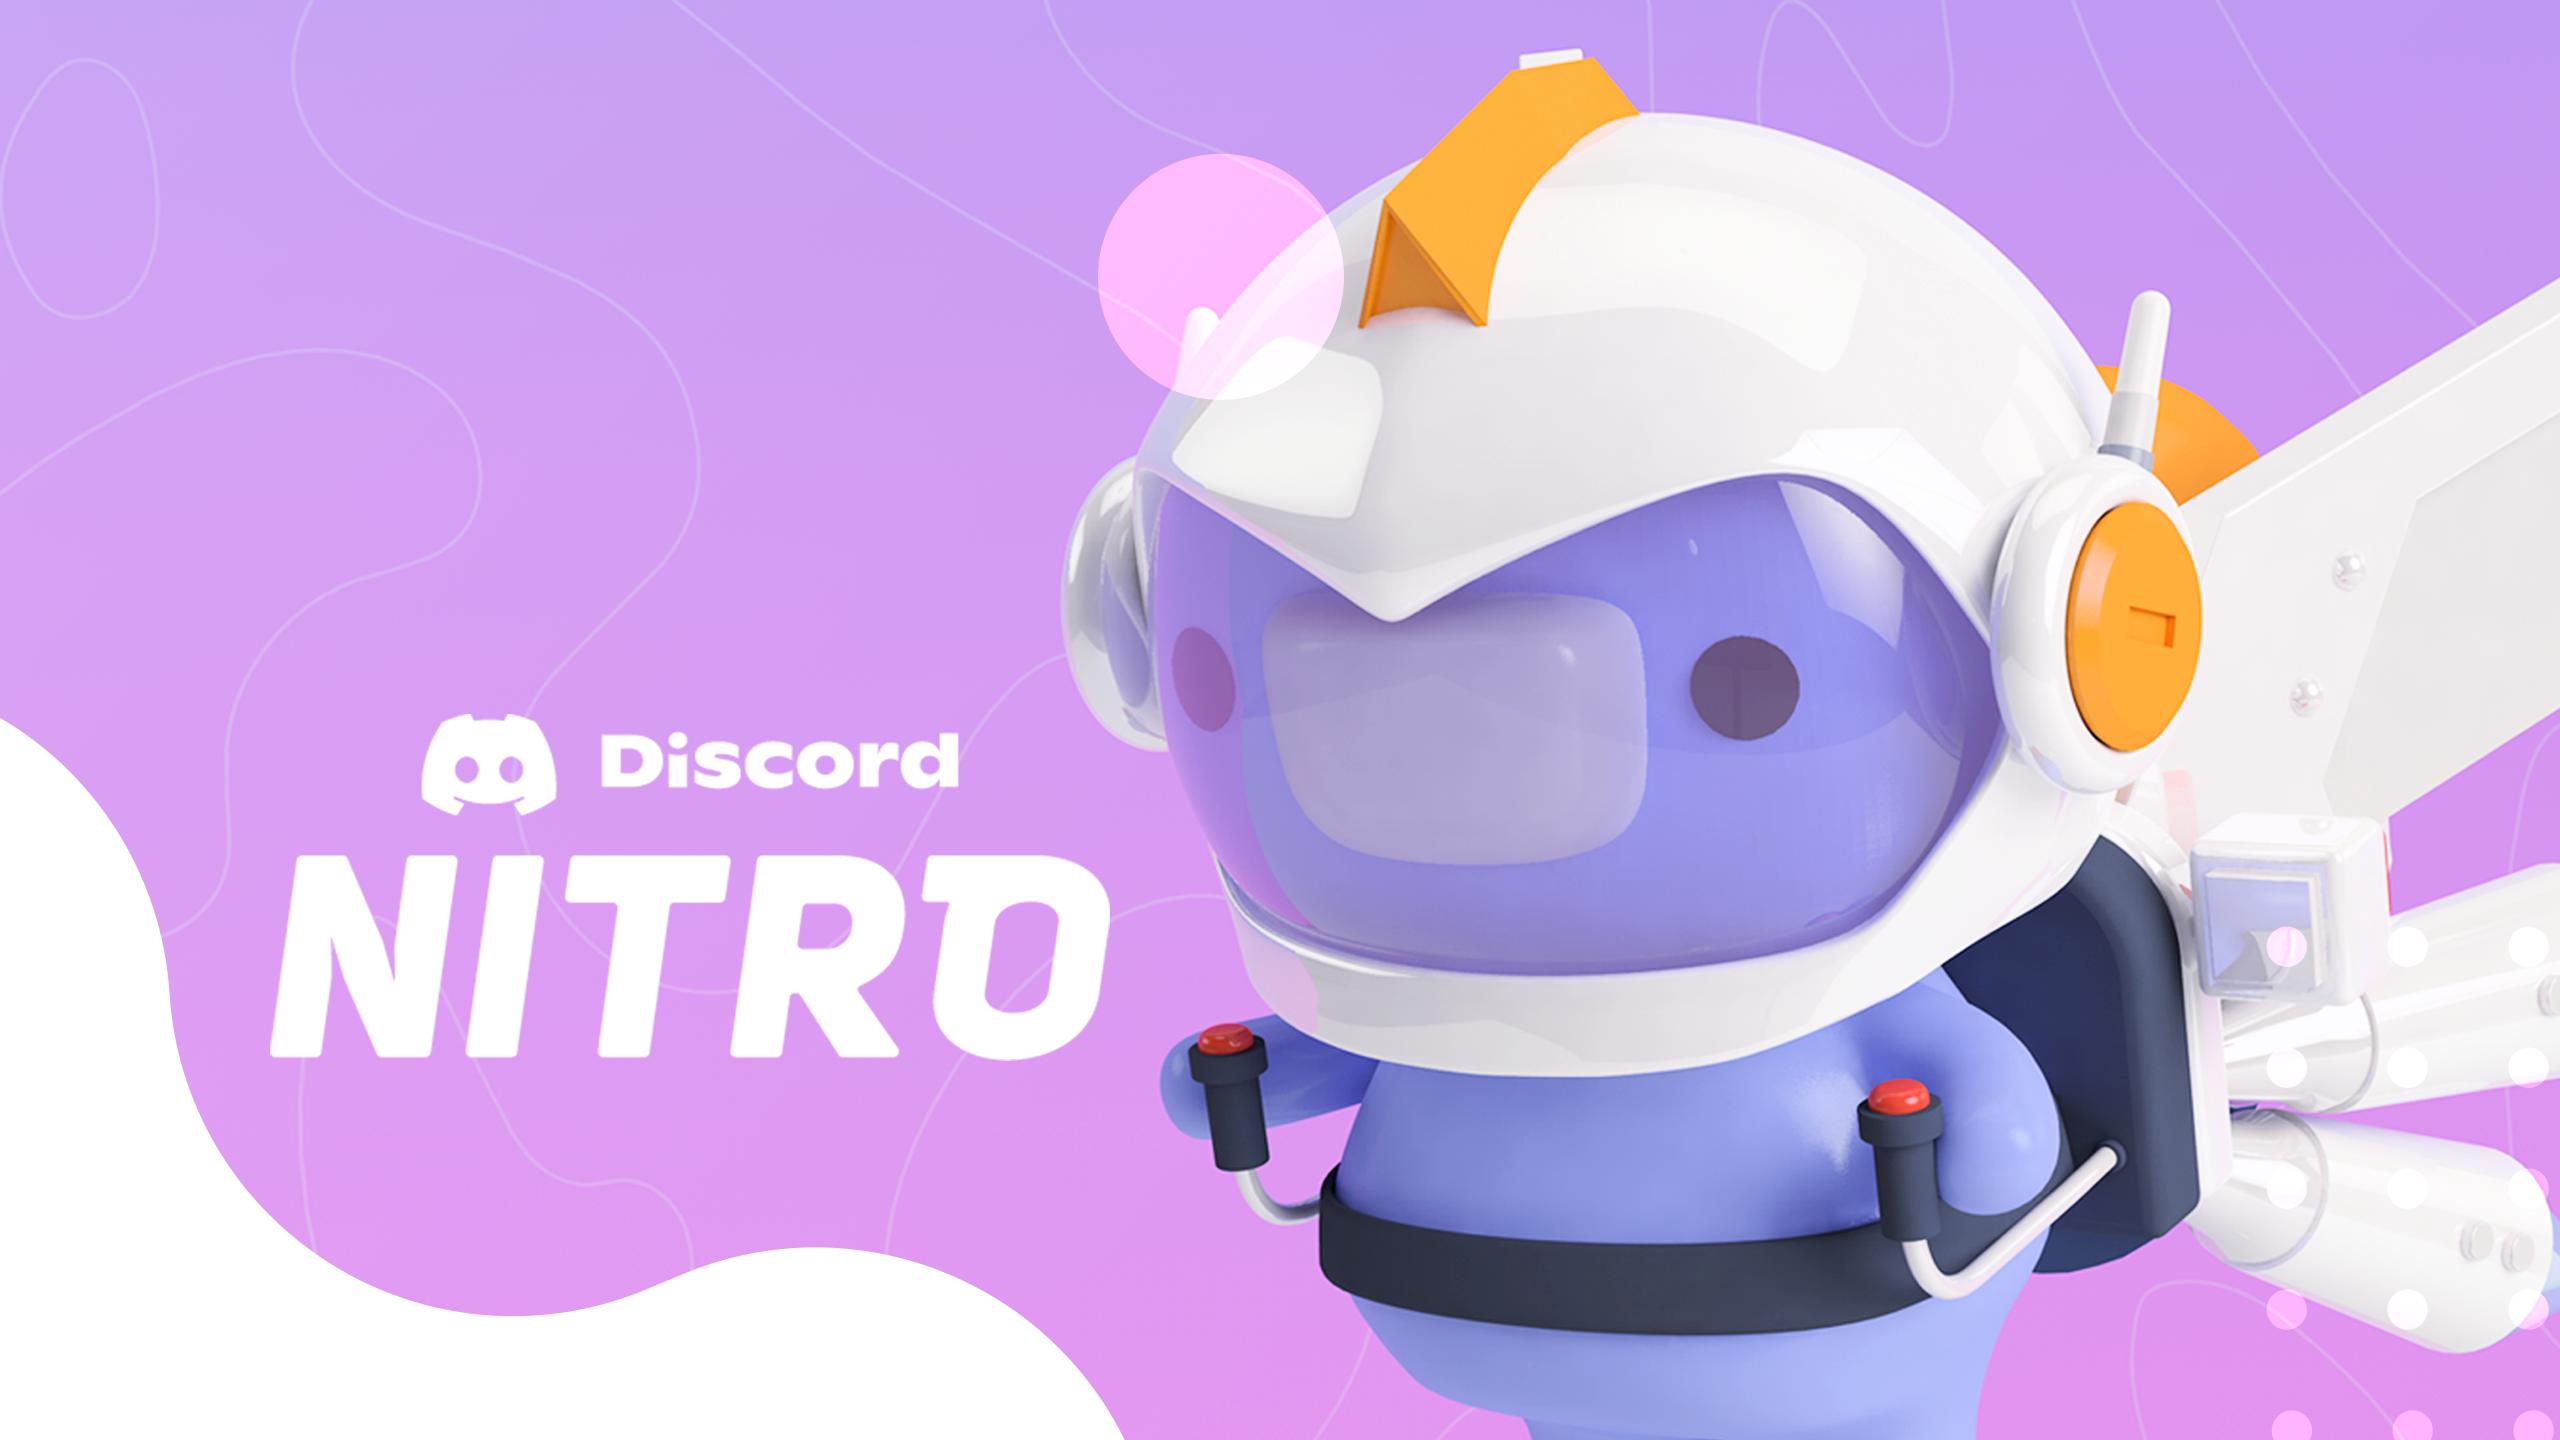 Discord-nitro